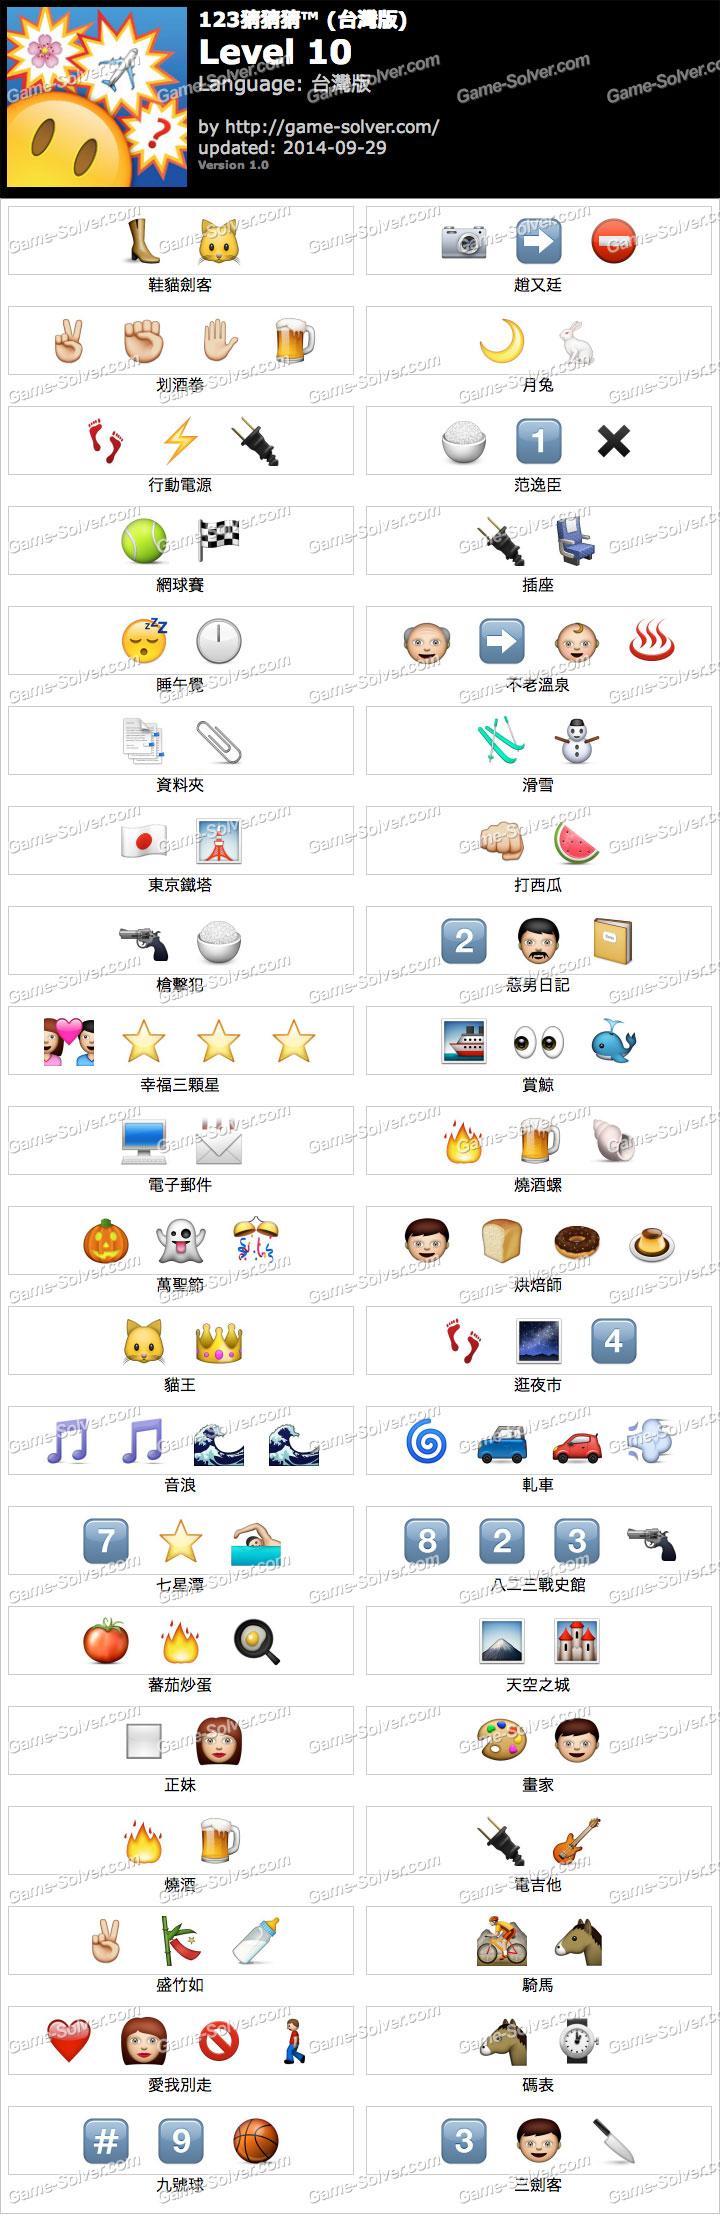 123猜猜猜台灣版答案等級10